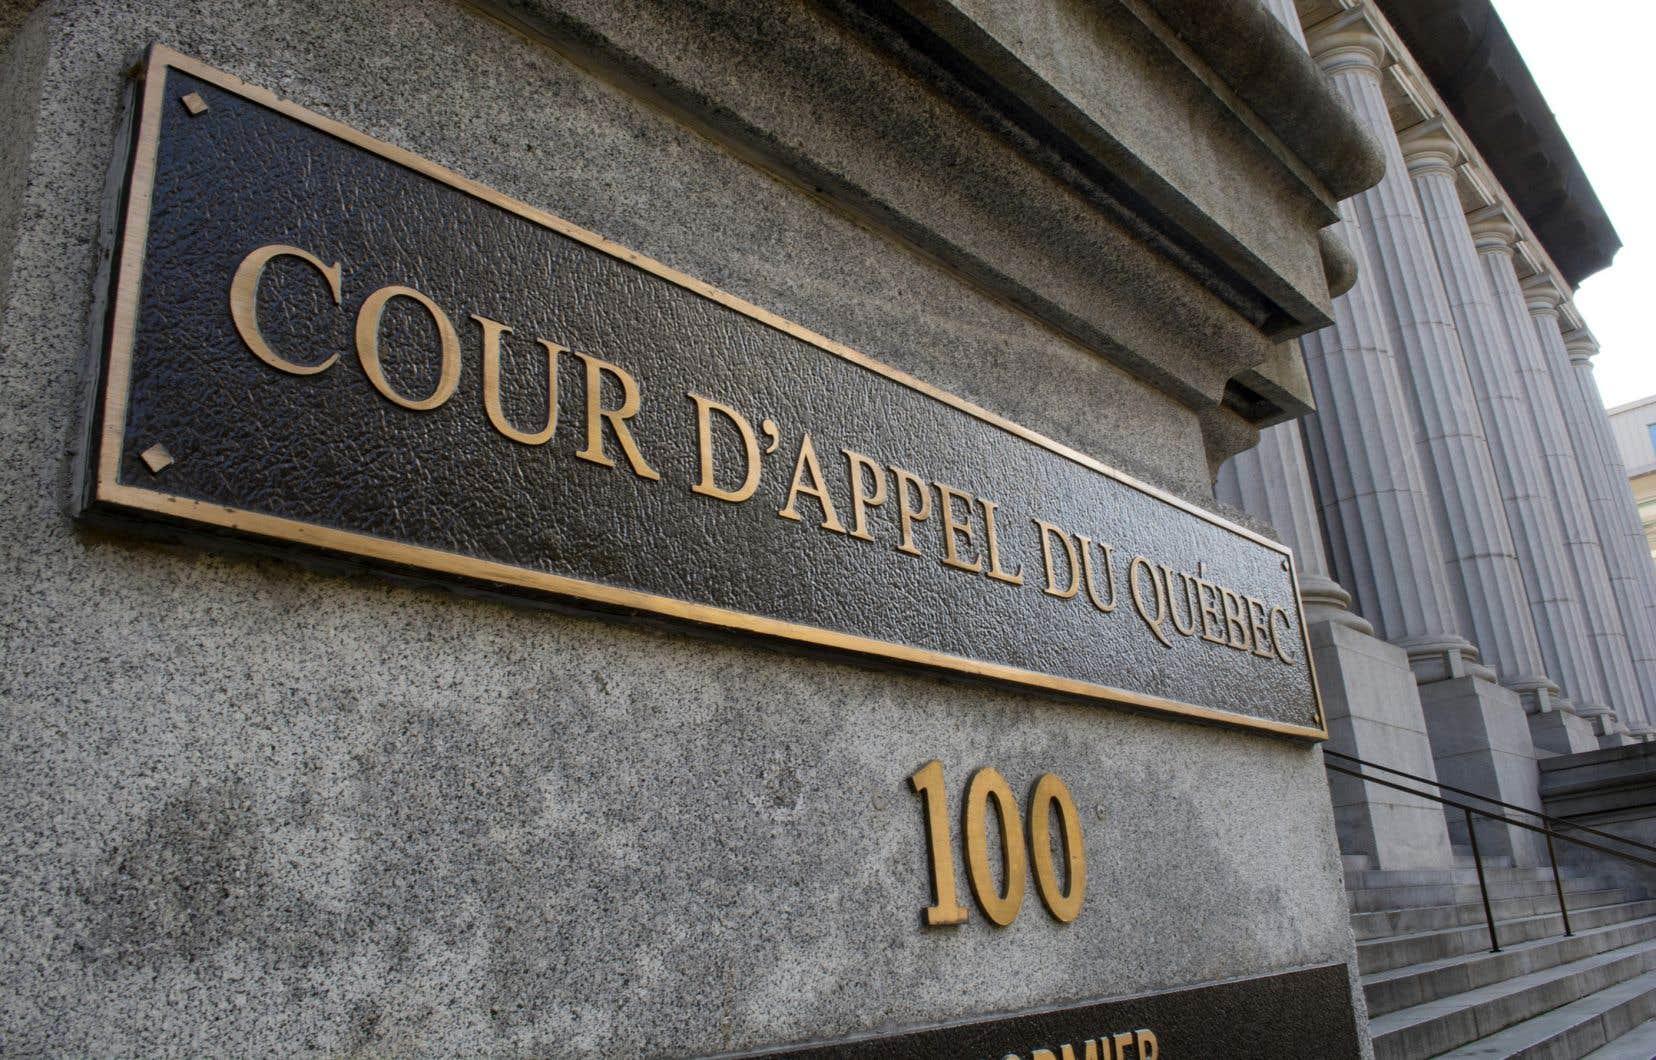 Des erreurs de principe sont soulevées par la Cour d'appel dans la décision rendue en mai 2019 par la juge Joëlle Roy de la Cour du Québec.